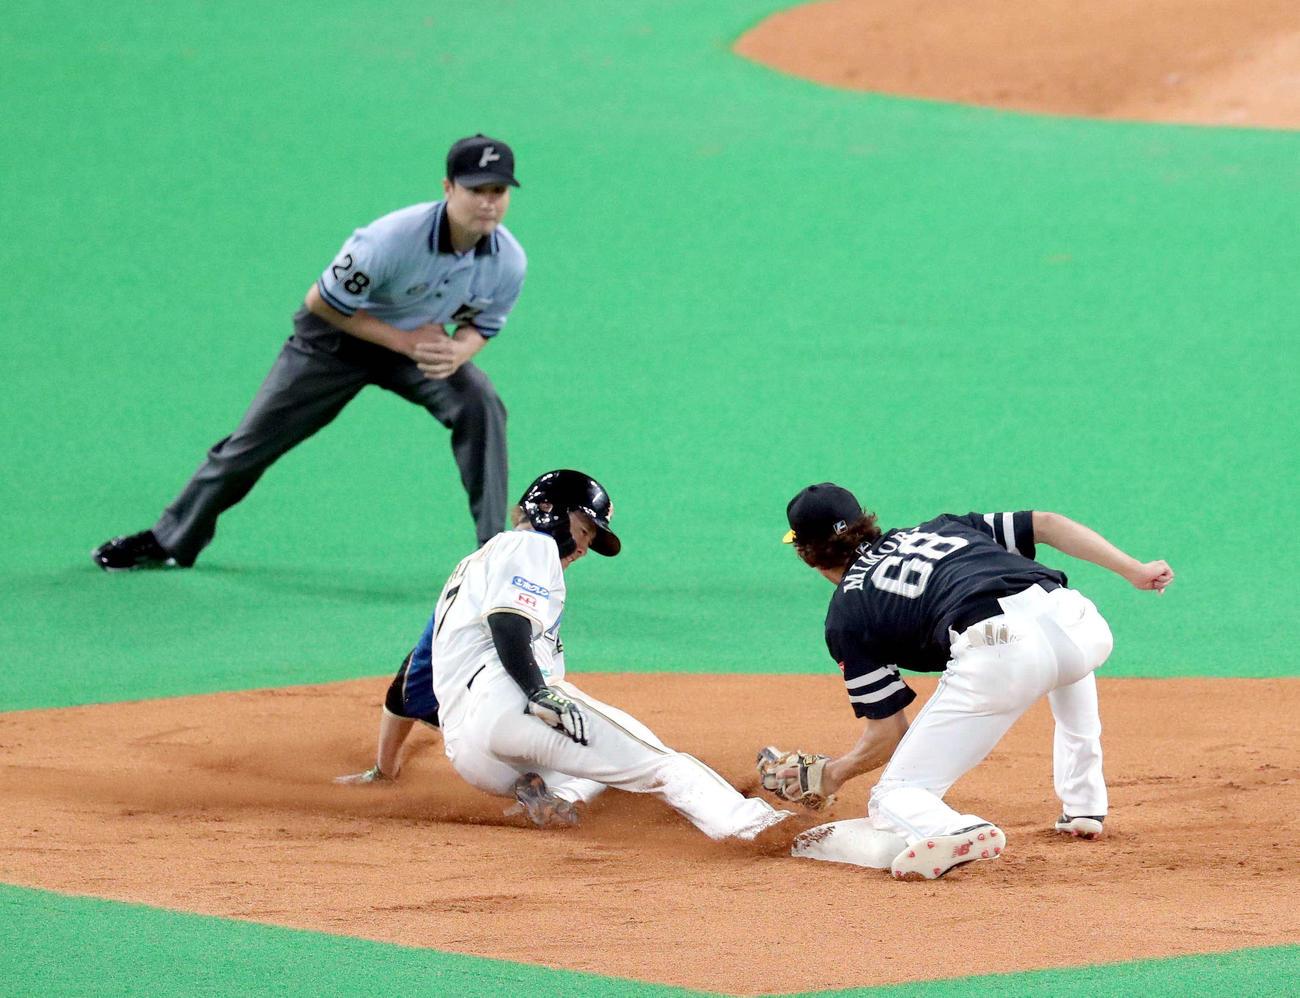 日本ハム対ソフトバンク 3回表日本ハム無死一塁、西川は二盗を決める(撮影・佐藤翔太)